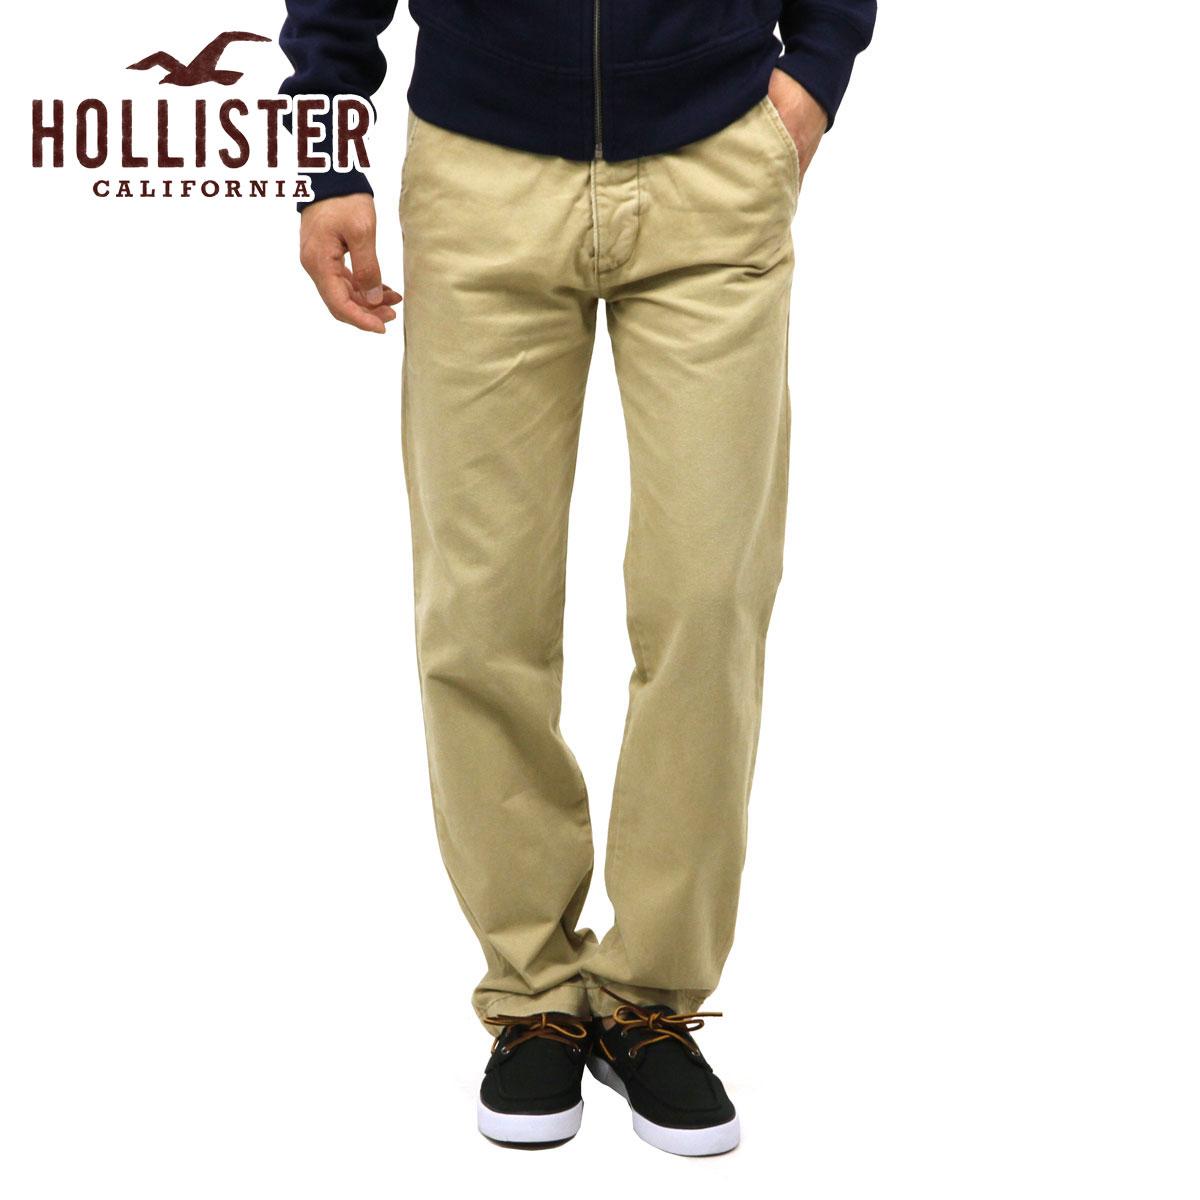 ホリスター チノパン メンズ 正規品 HOLLISTER ボトムス ツ Slim Straight Chinos 330-302-0121-044